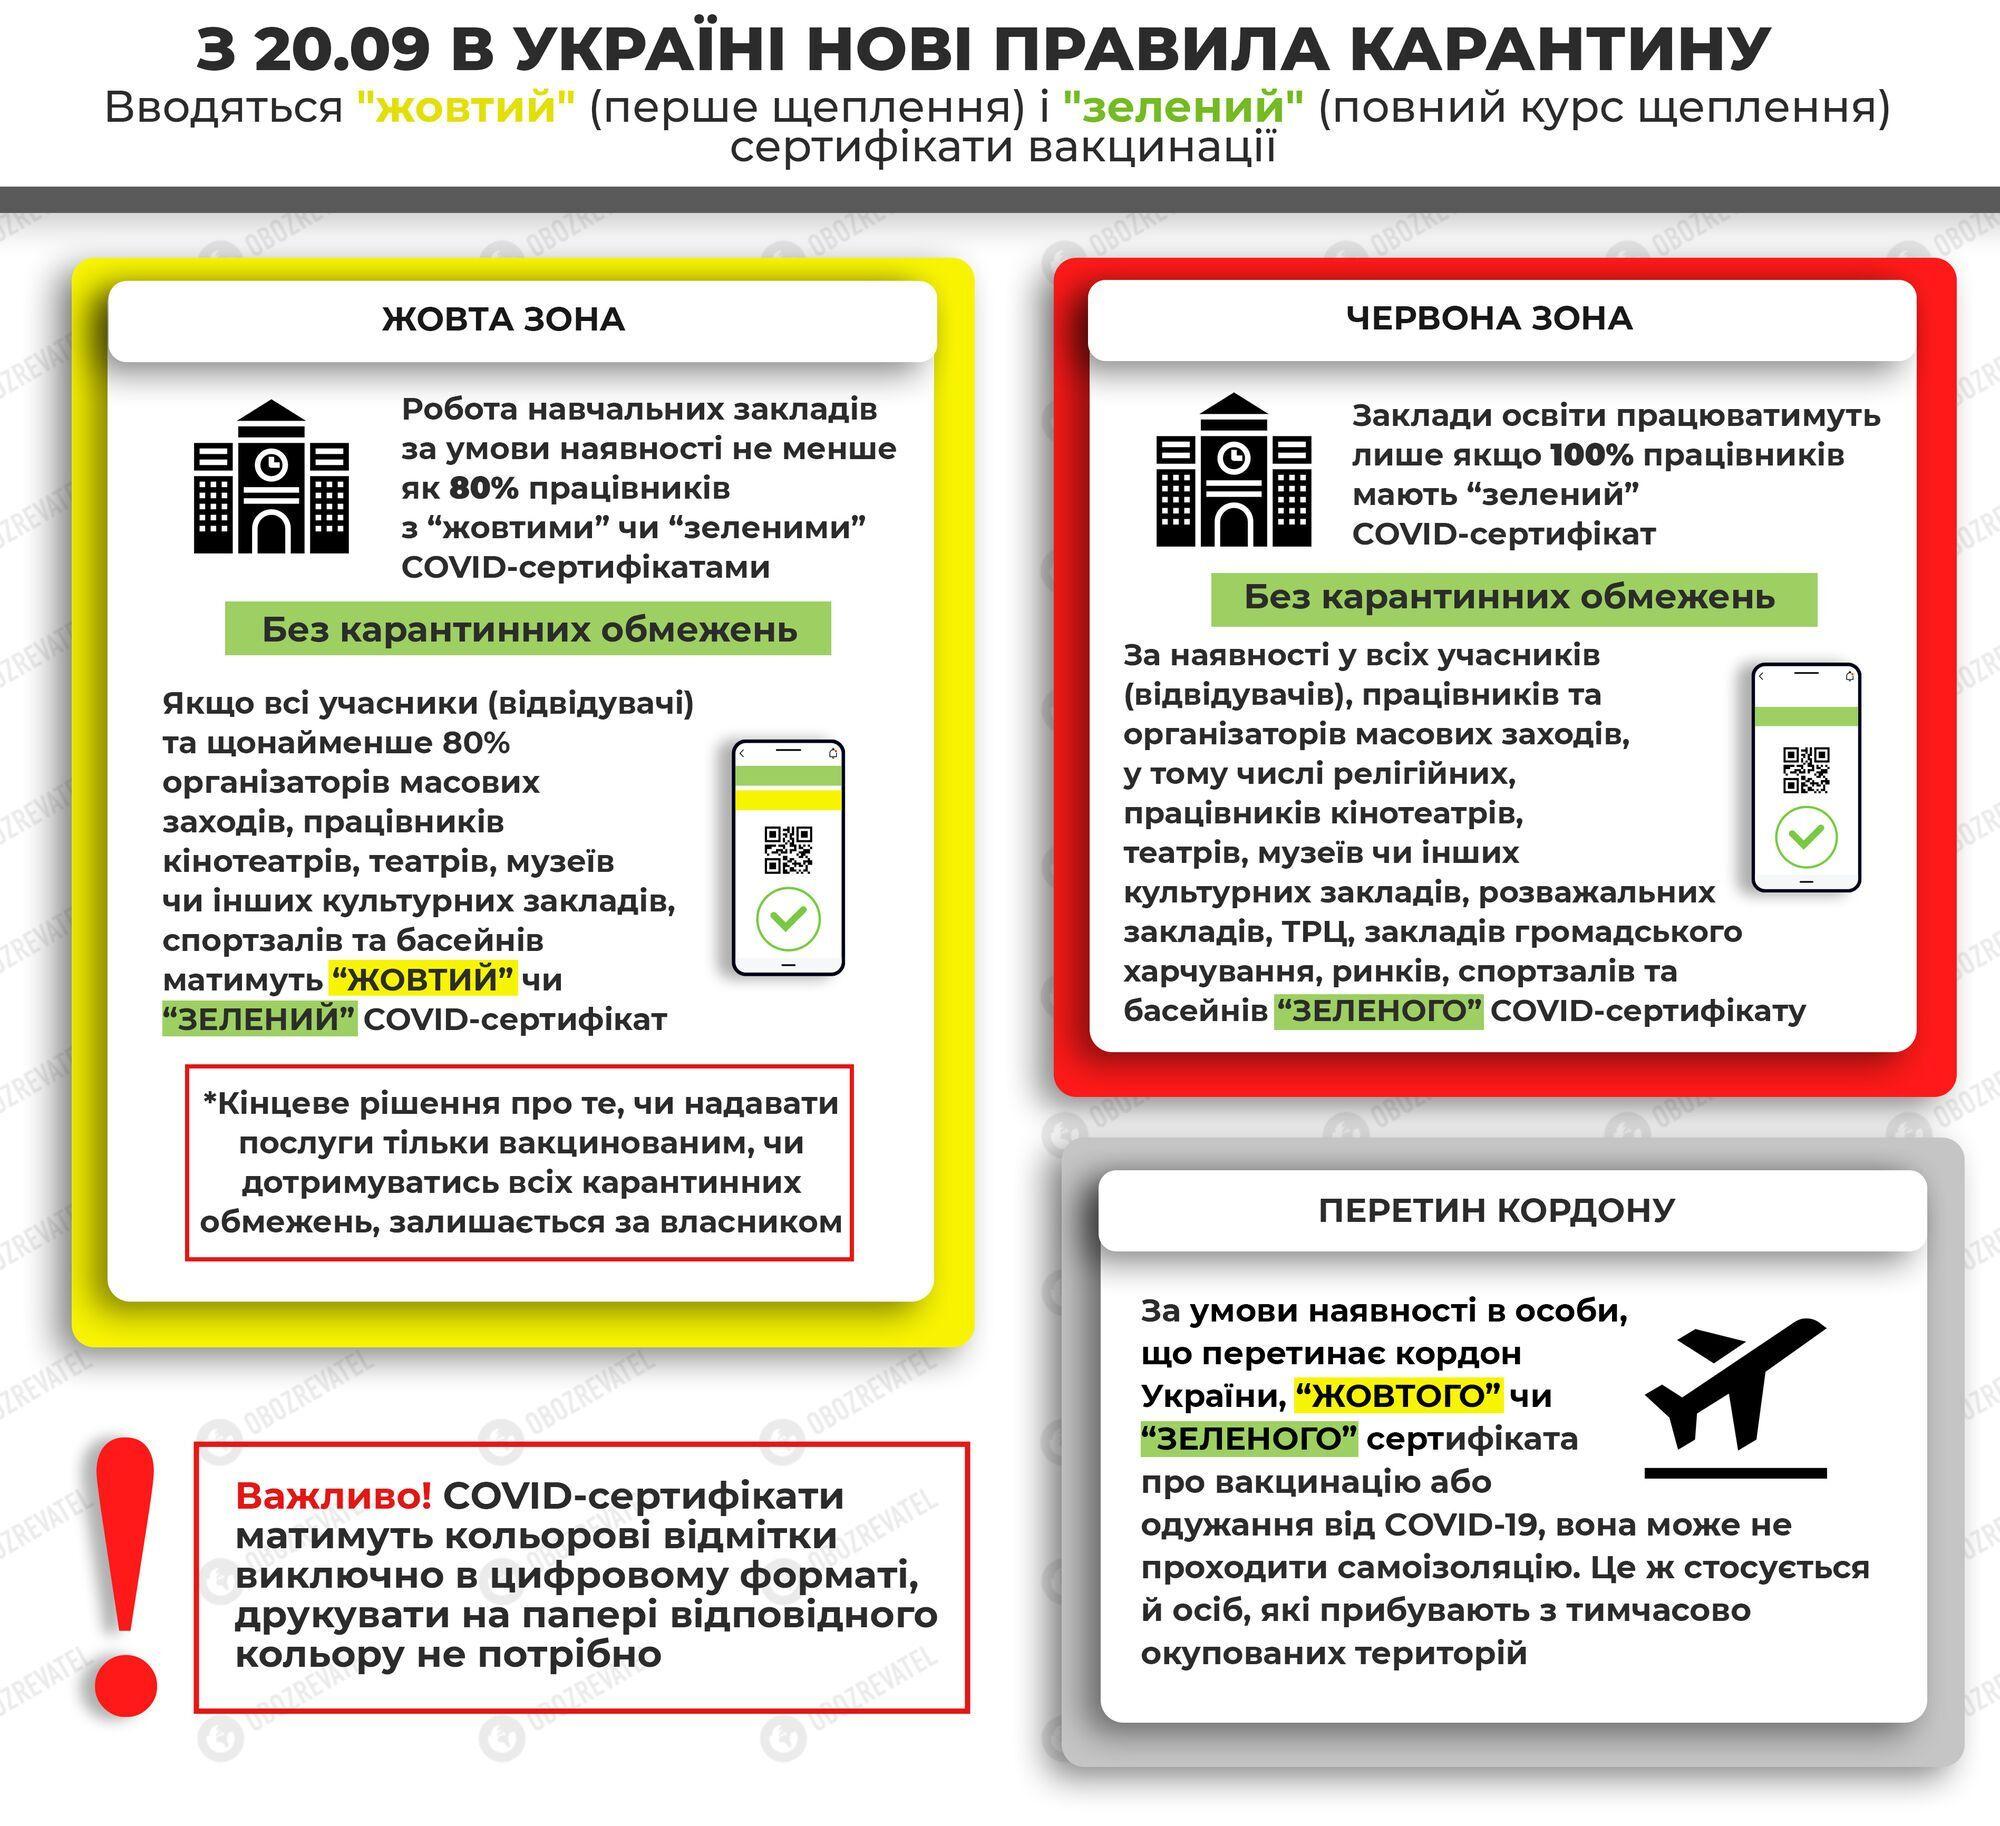 Карантинные зоны в Украине и ограничения, которые действуют в их пределах